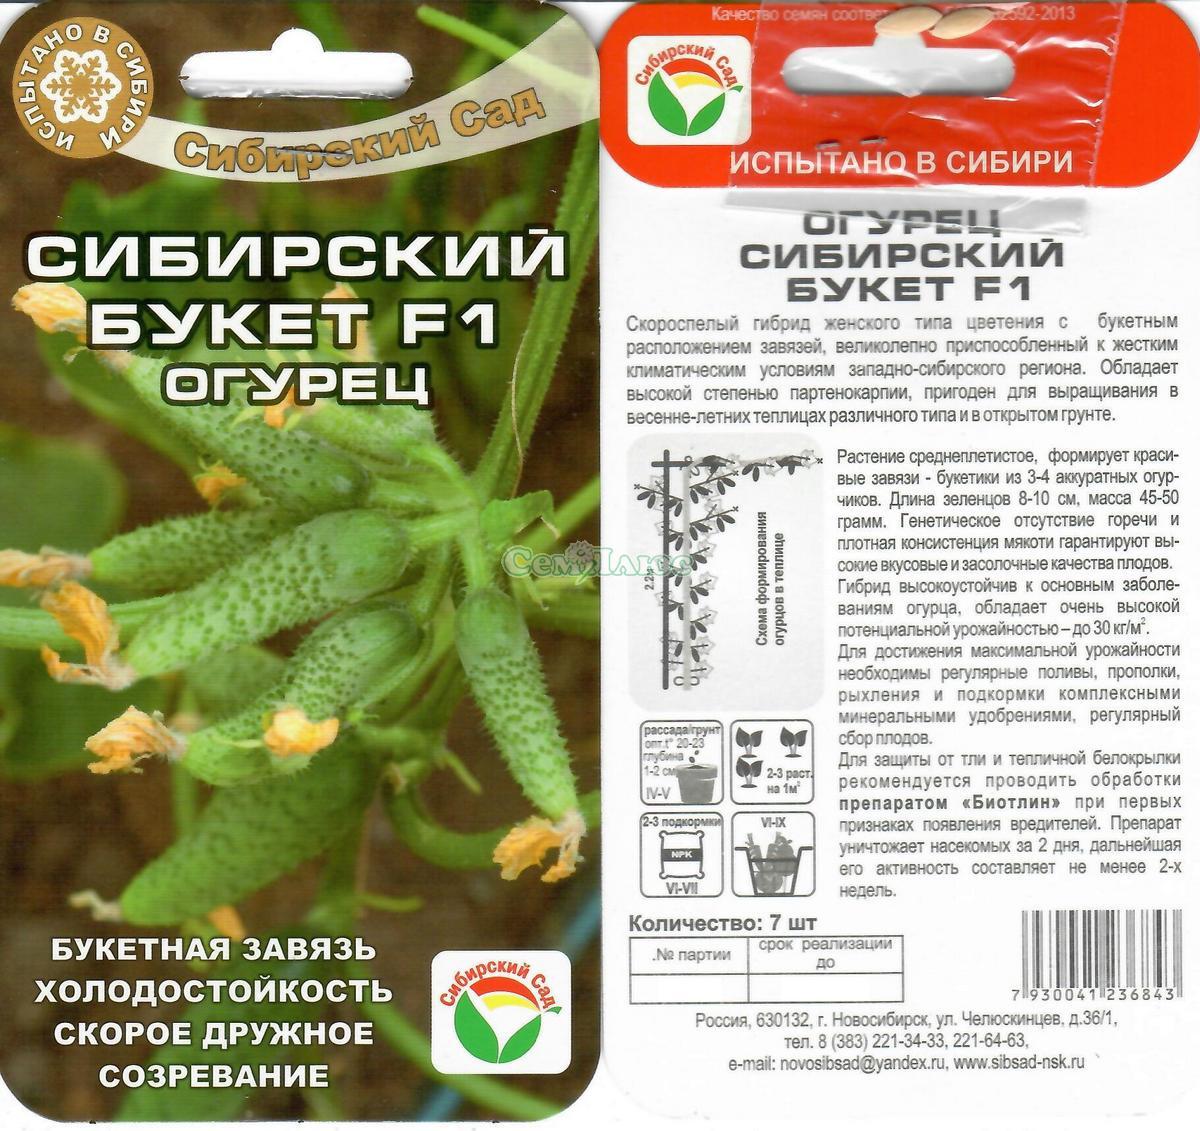 Огурцы подарок сибири отзывы 19